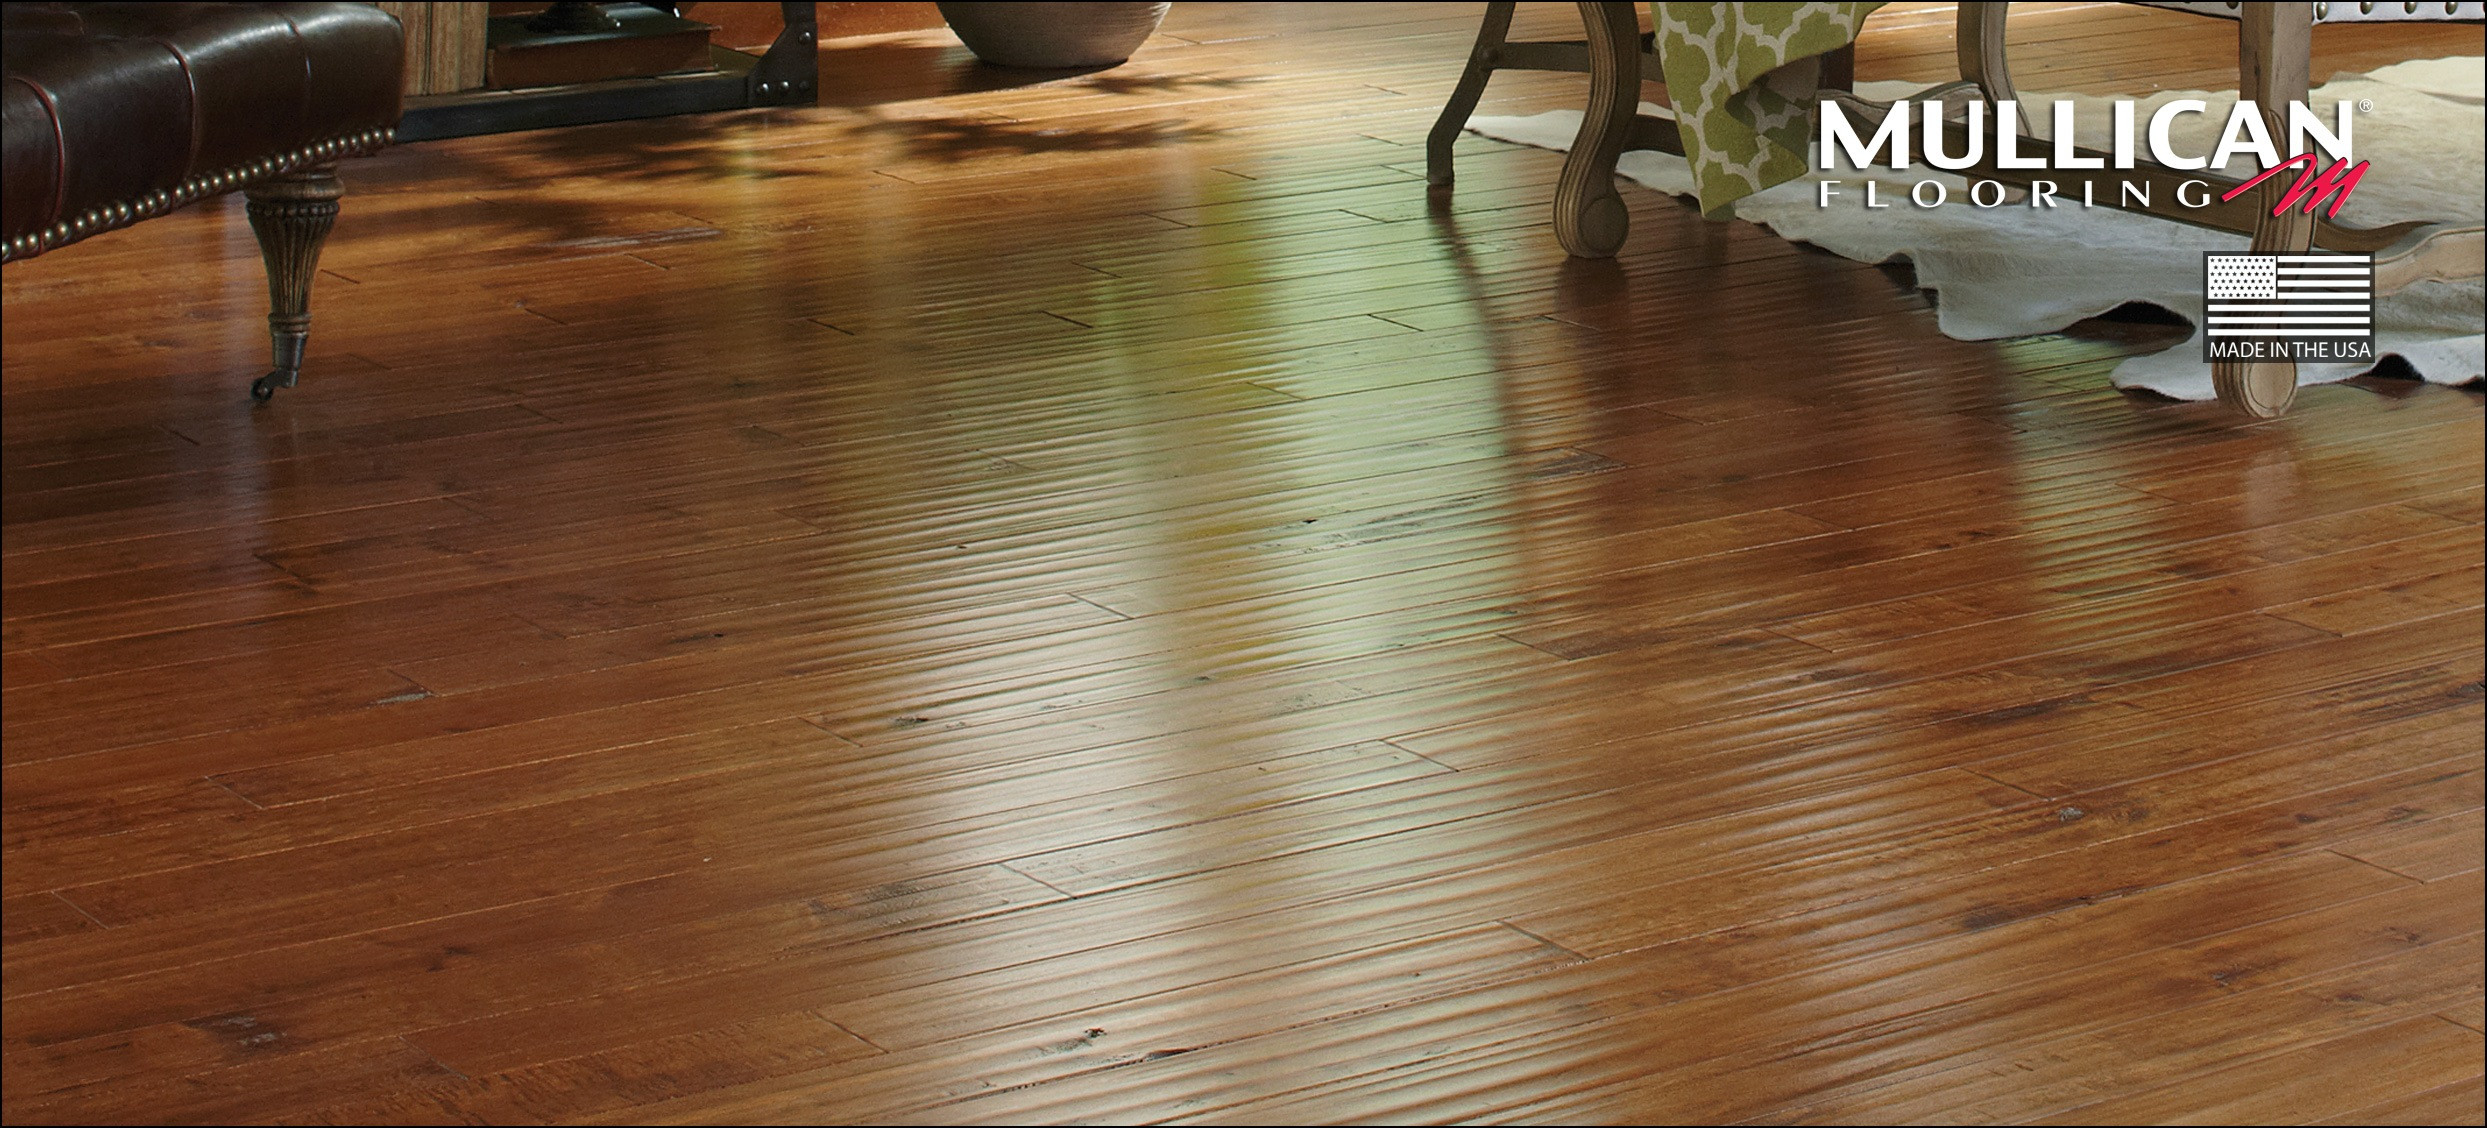 unfinished oak hardwood flooring price of 2 white oak flooring unfinished collection mullican flooring home intended for 2 white oak flooring unfinished collection mullican flooring home